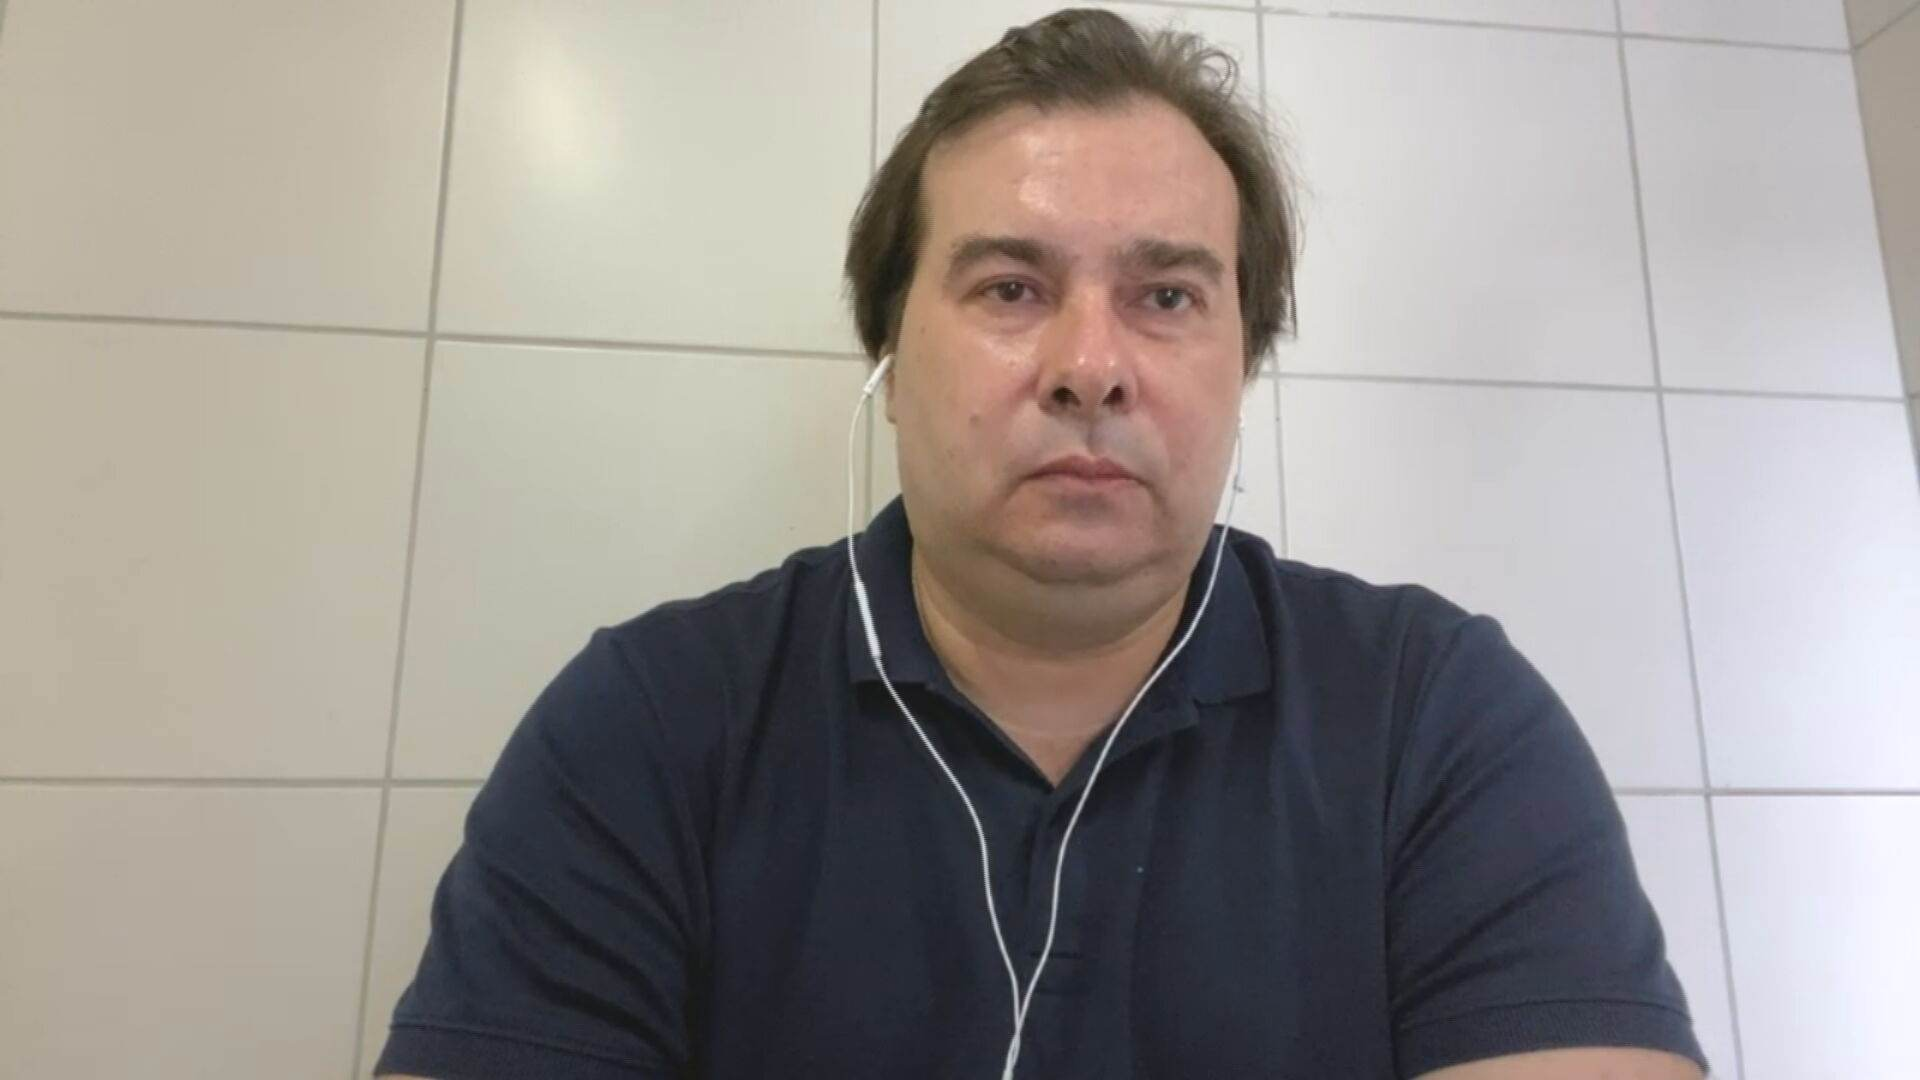 Deputado federal Rodrigo Maia (sem partido) em entrevista à CNN (22.jul.2021)